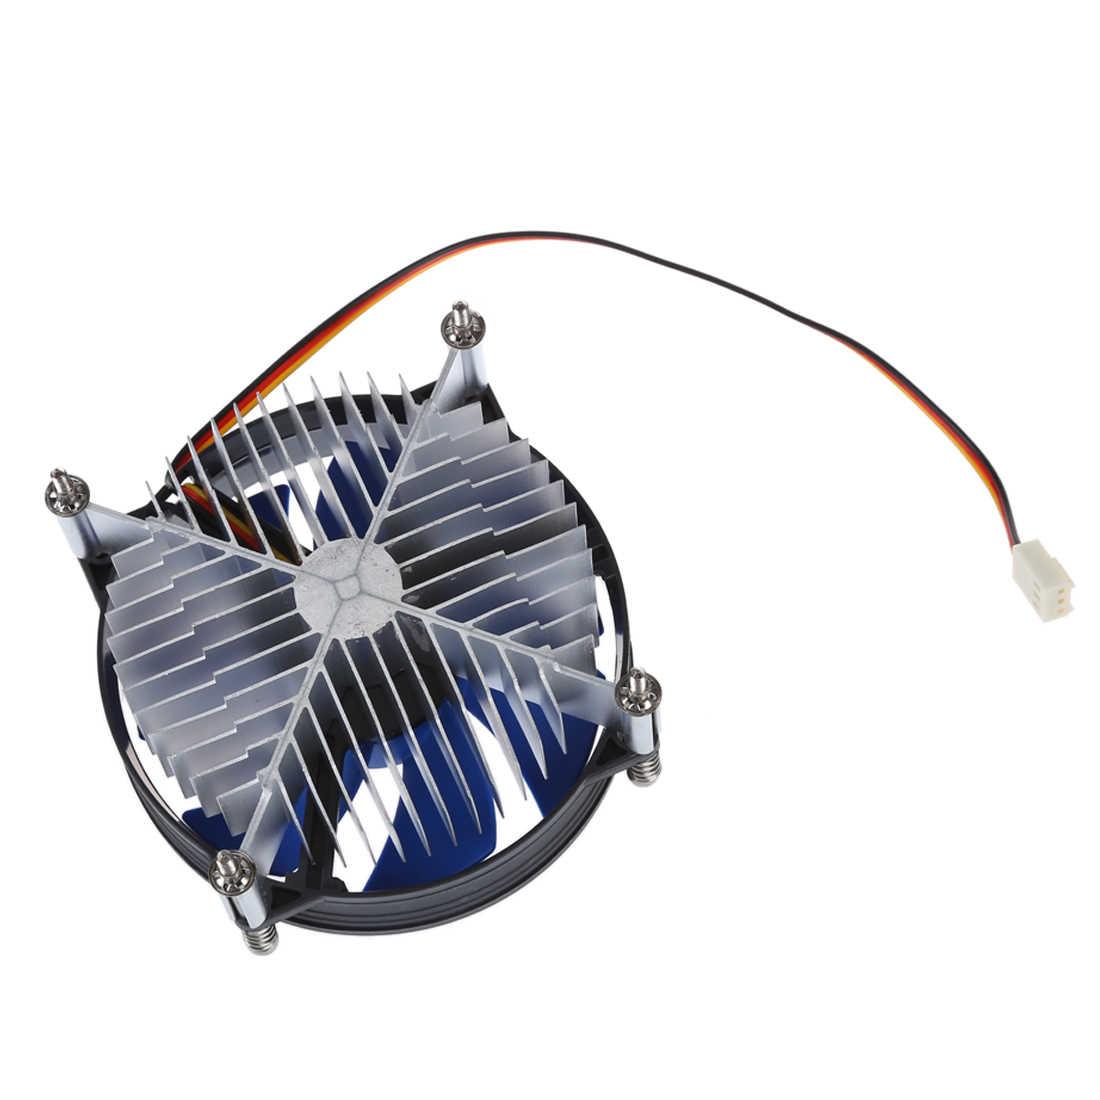 XYCP Bộ Vi Xử Lý Cooler Heat CPU Bồn Rửa cho 65 W Intel Socket LGA 1155/1156 Core i3/i5/i7 Màu Xanh